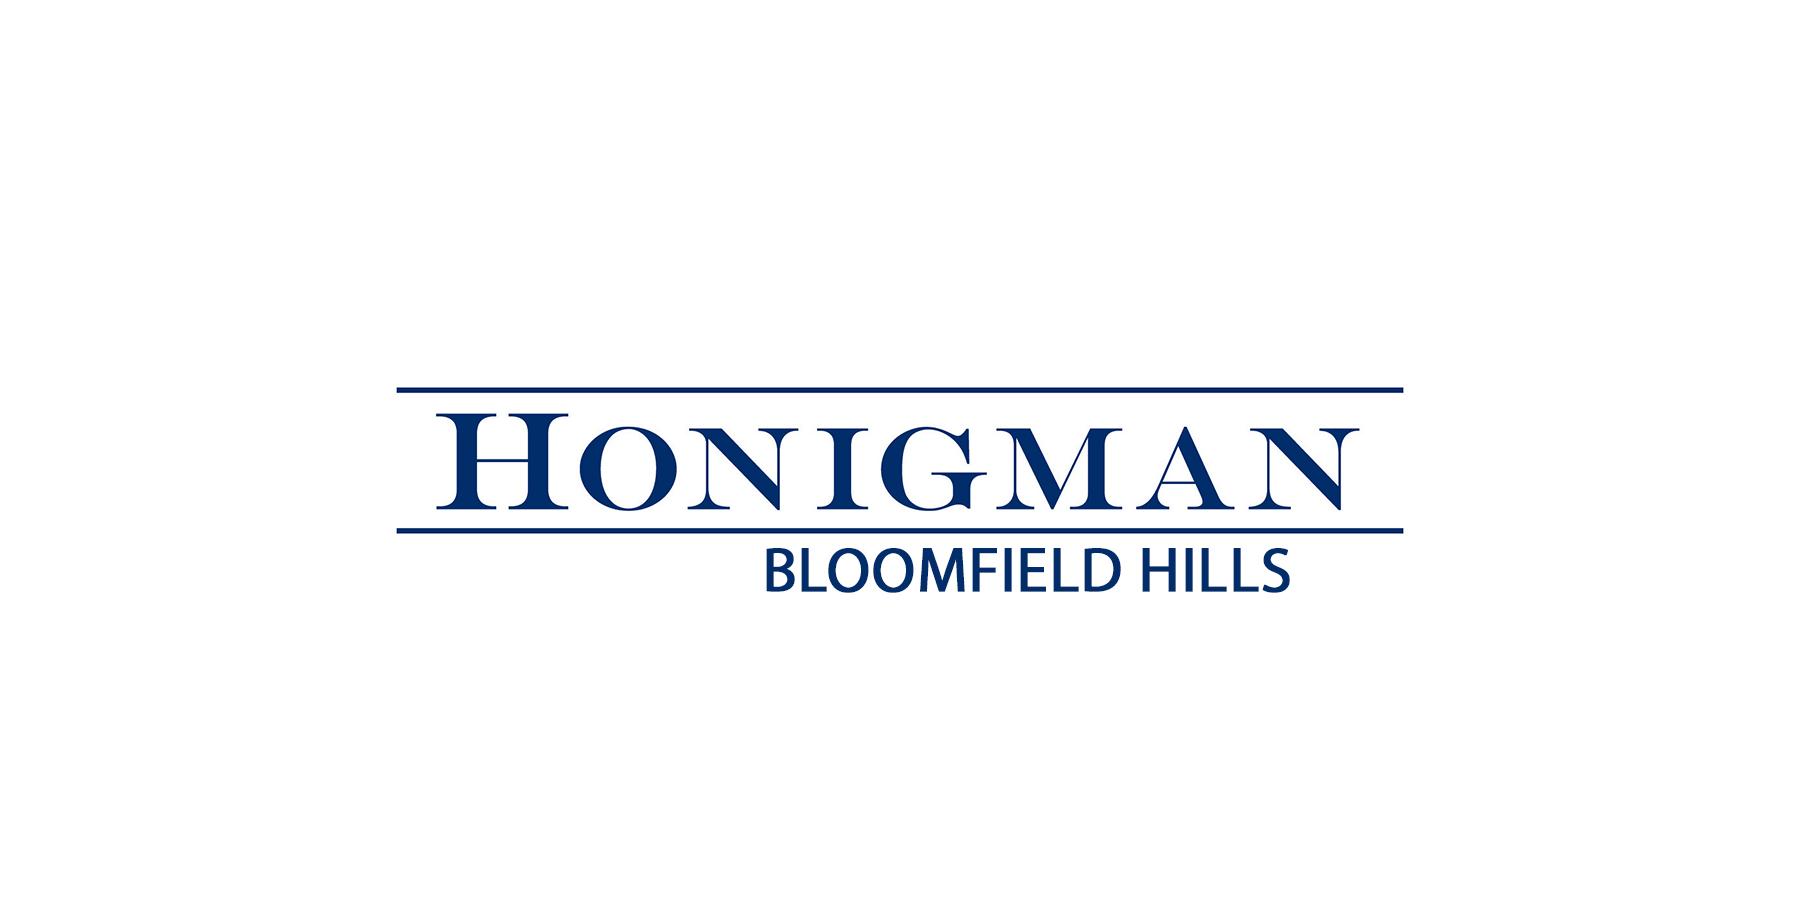 Honigman LLP – Bloomfield Hills